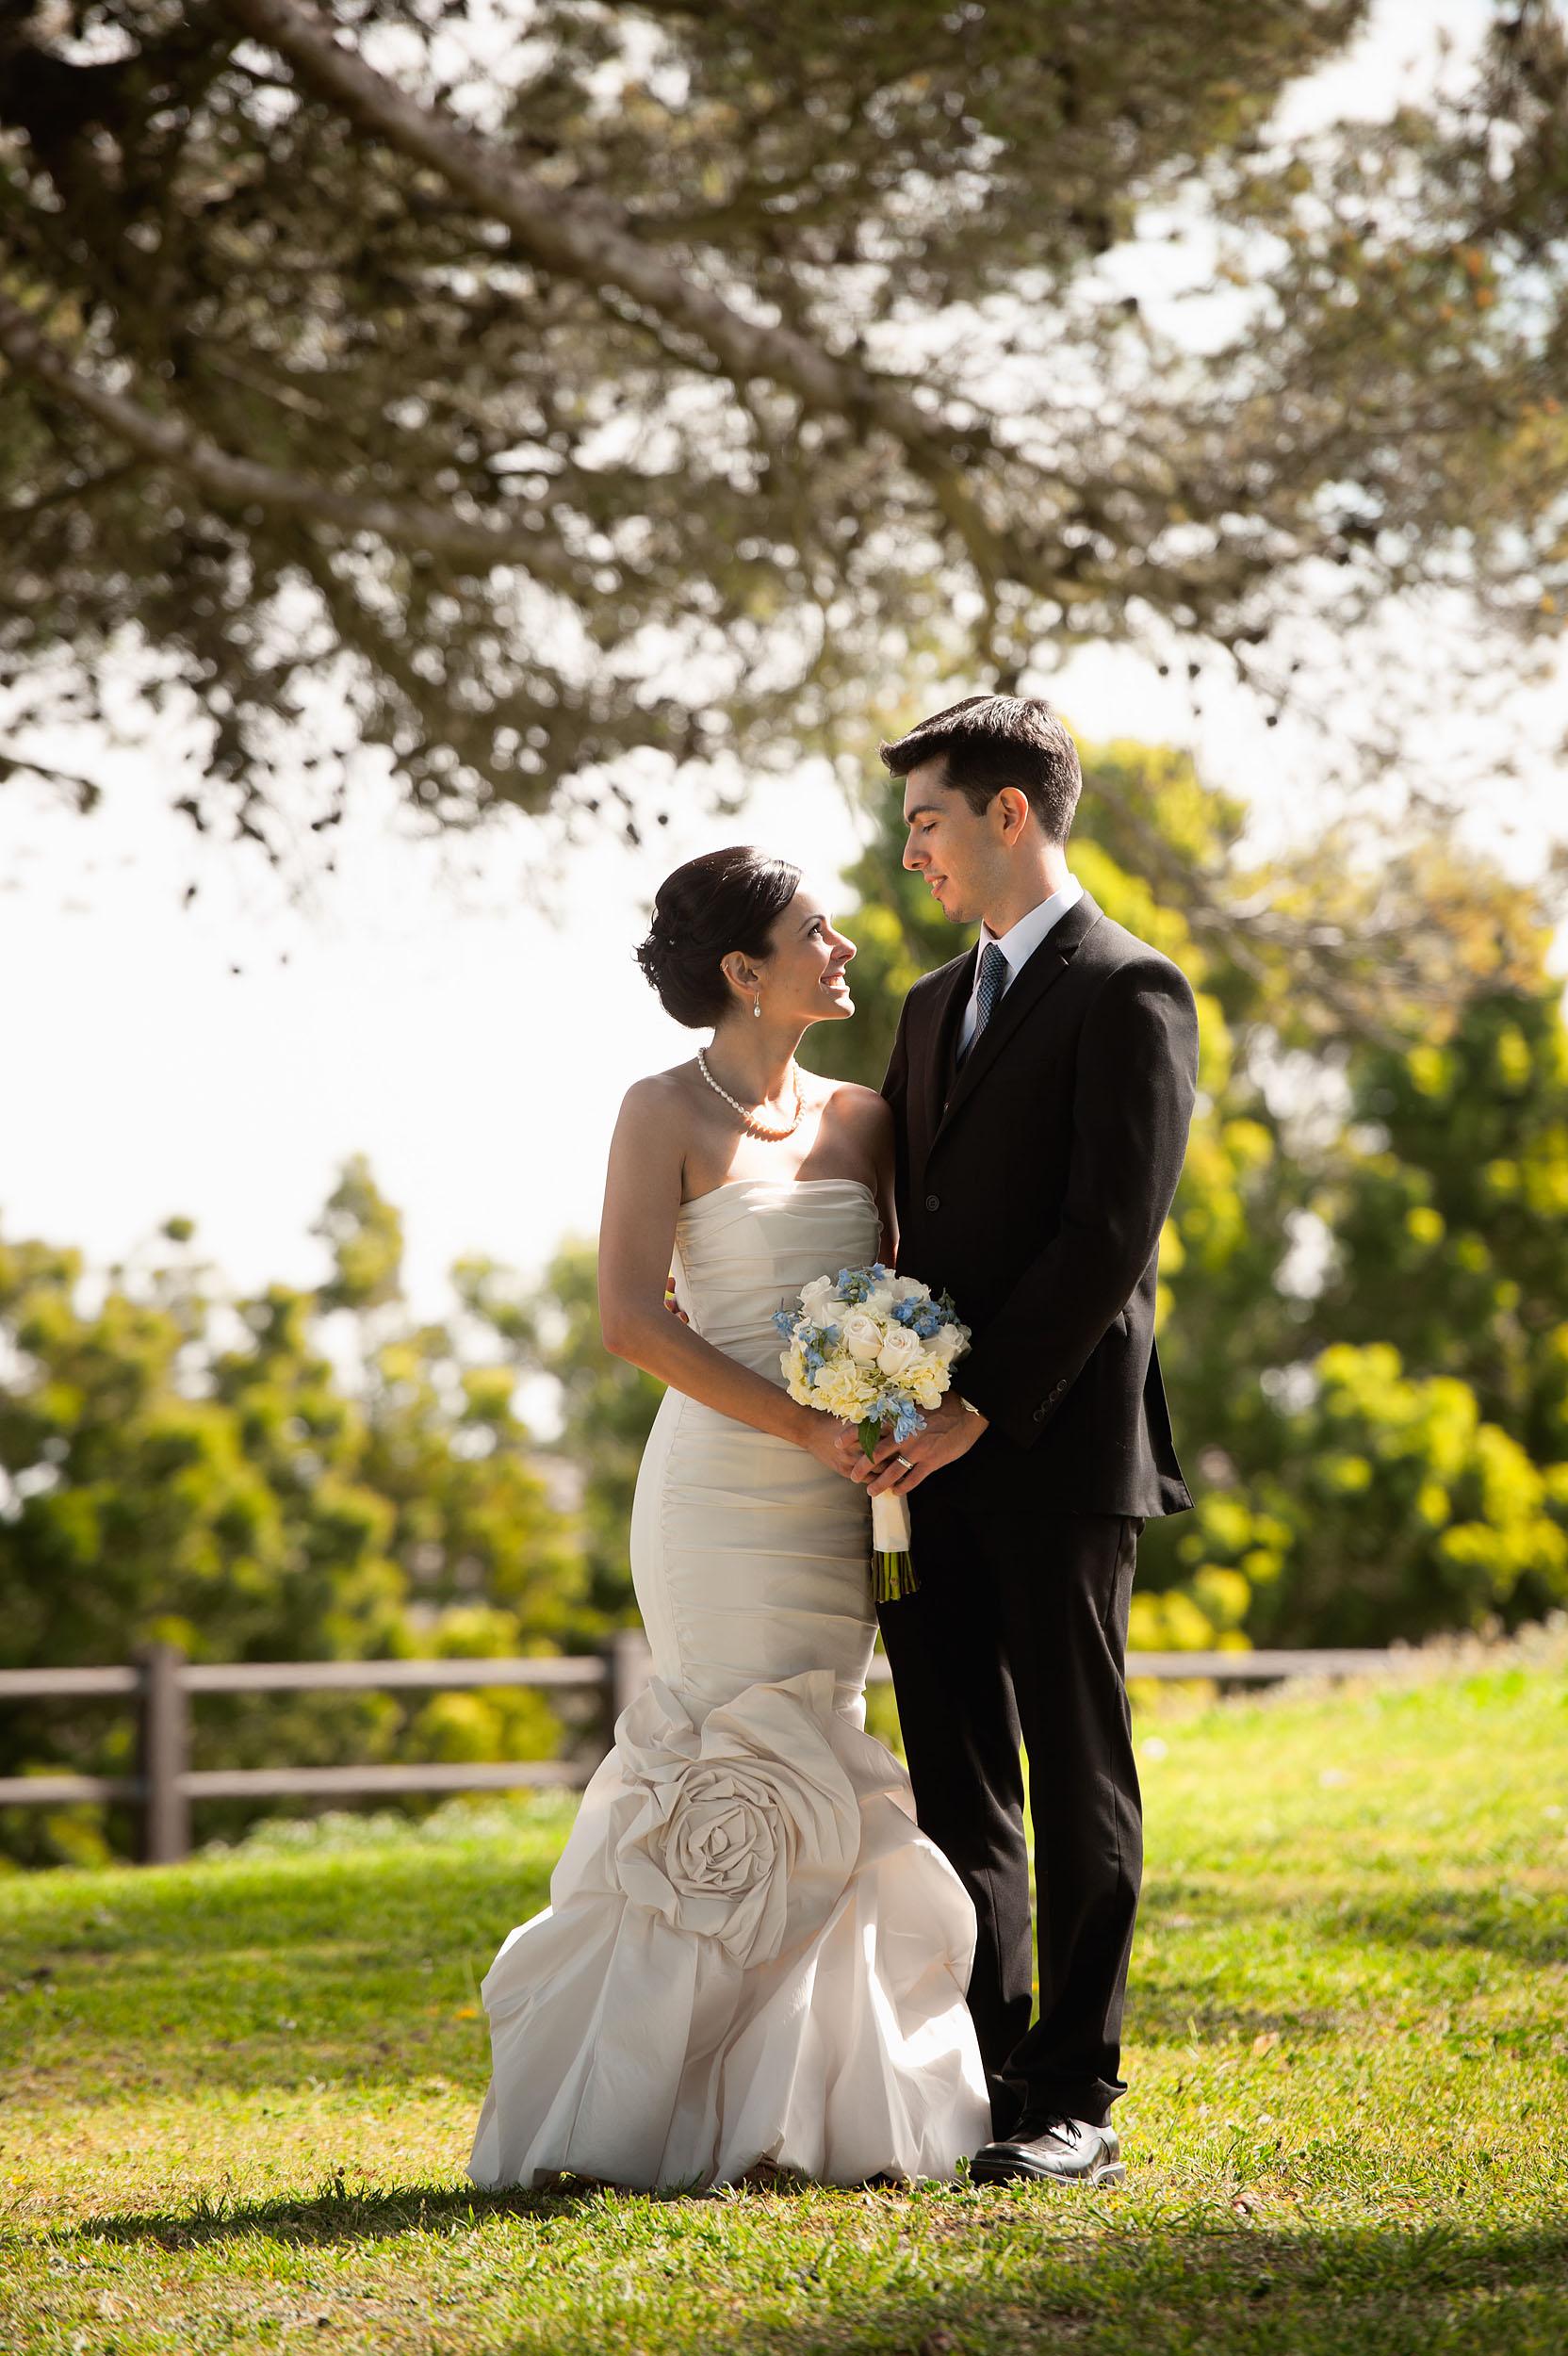 Bride and groom at Del Cerro Park in Rancho Palos Verdes.